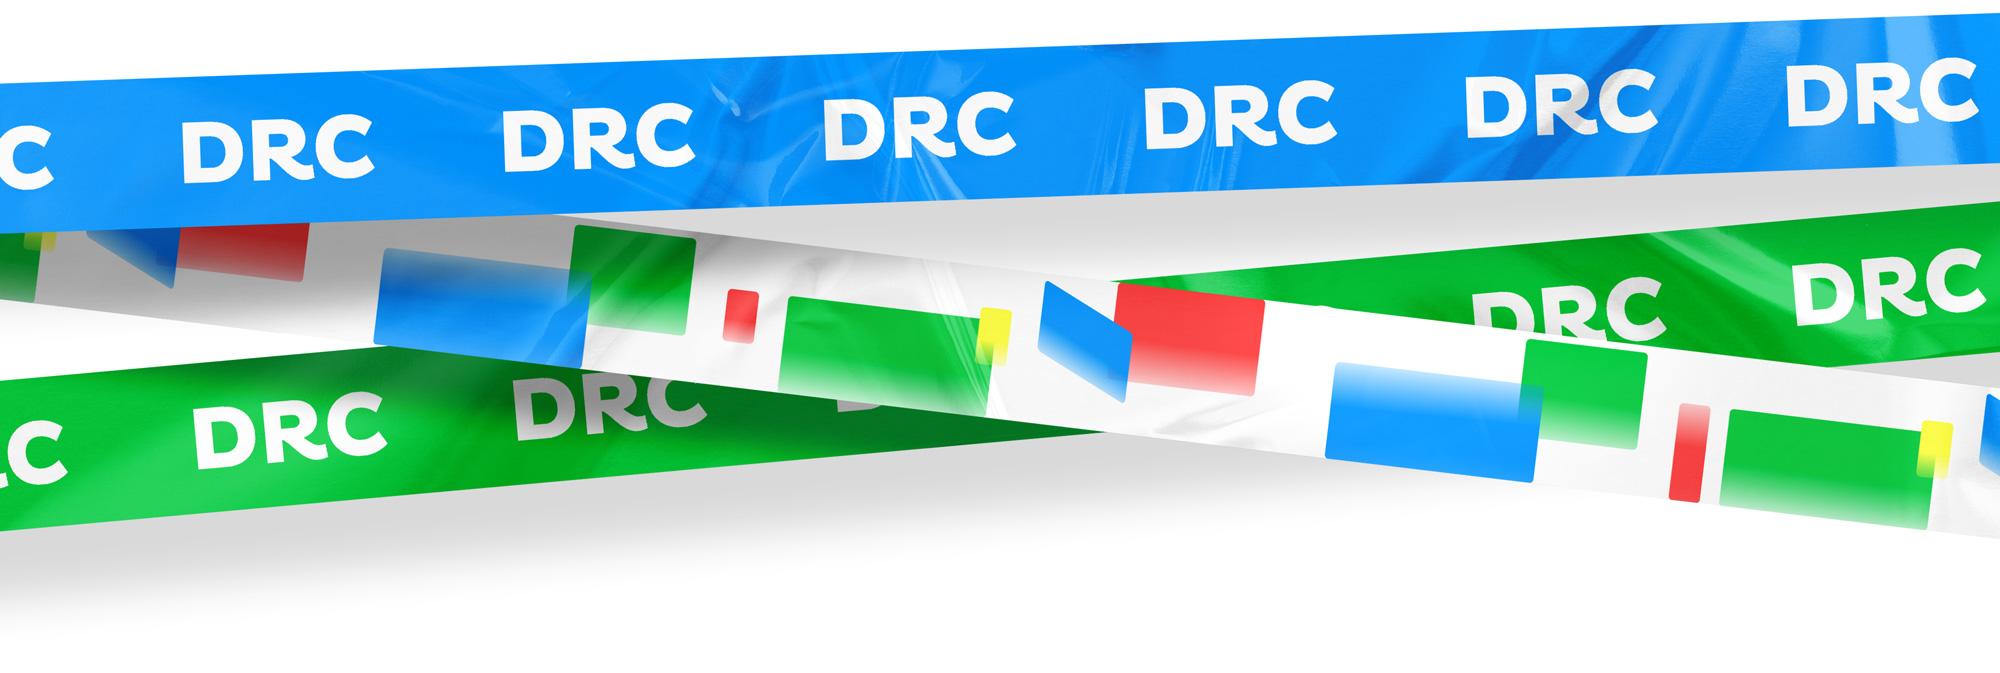 ww_DRC_11_pic